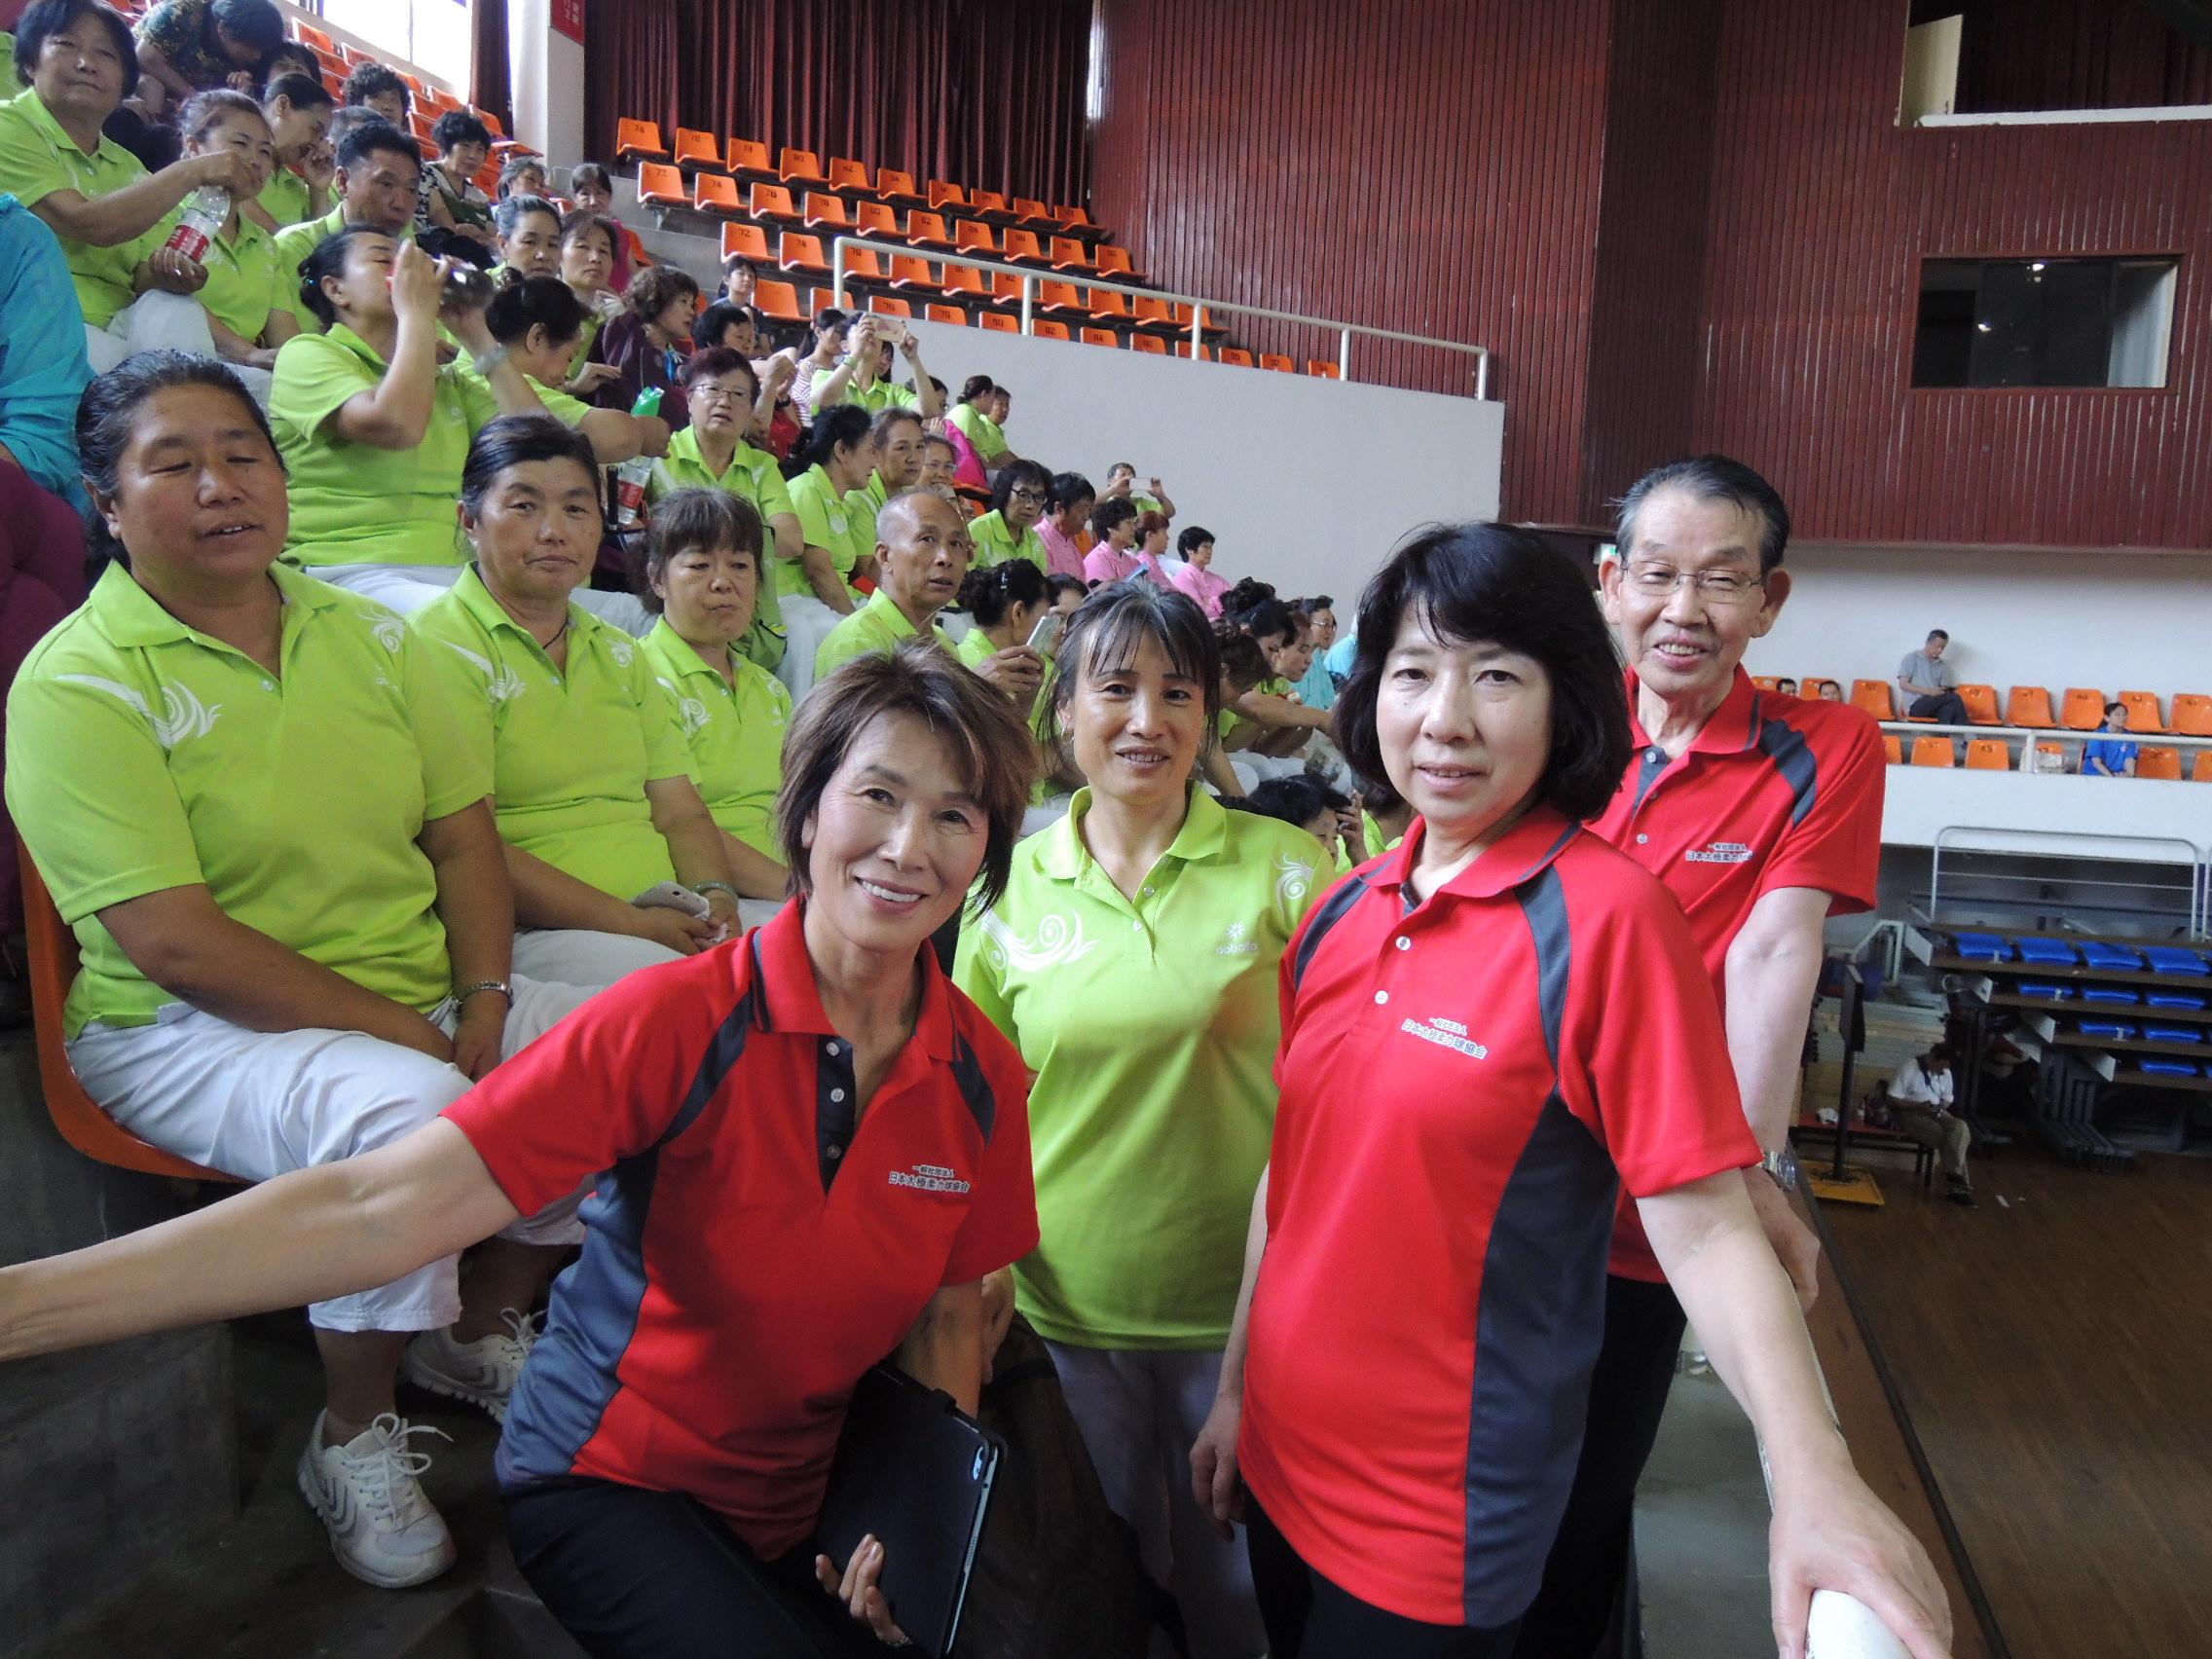 太極・北京~2016北京国際健身交流大会